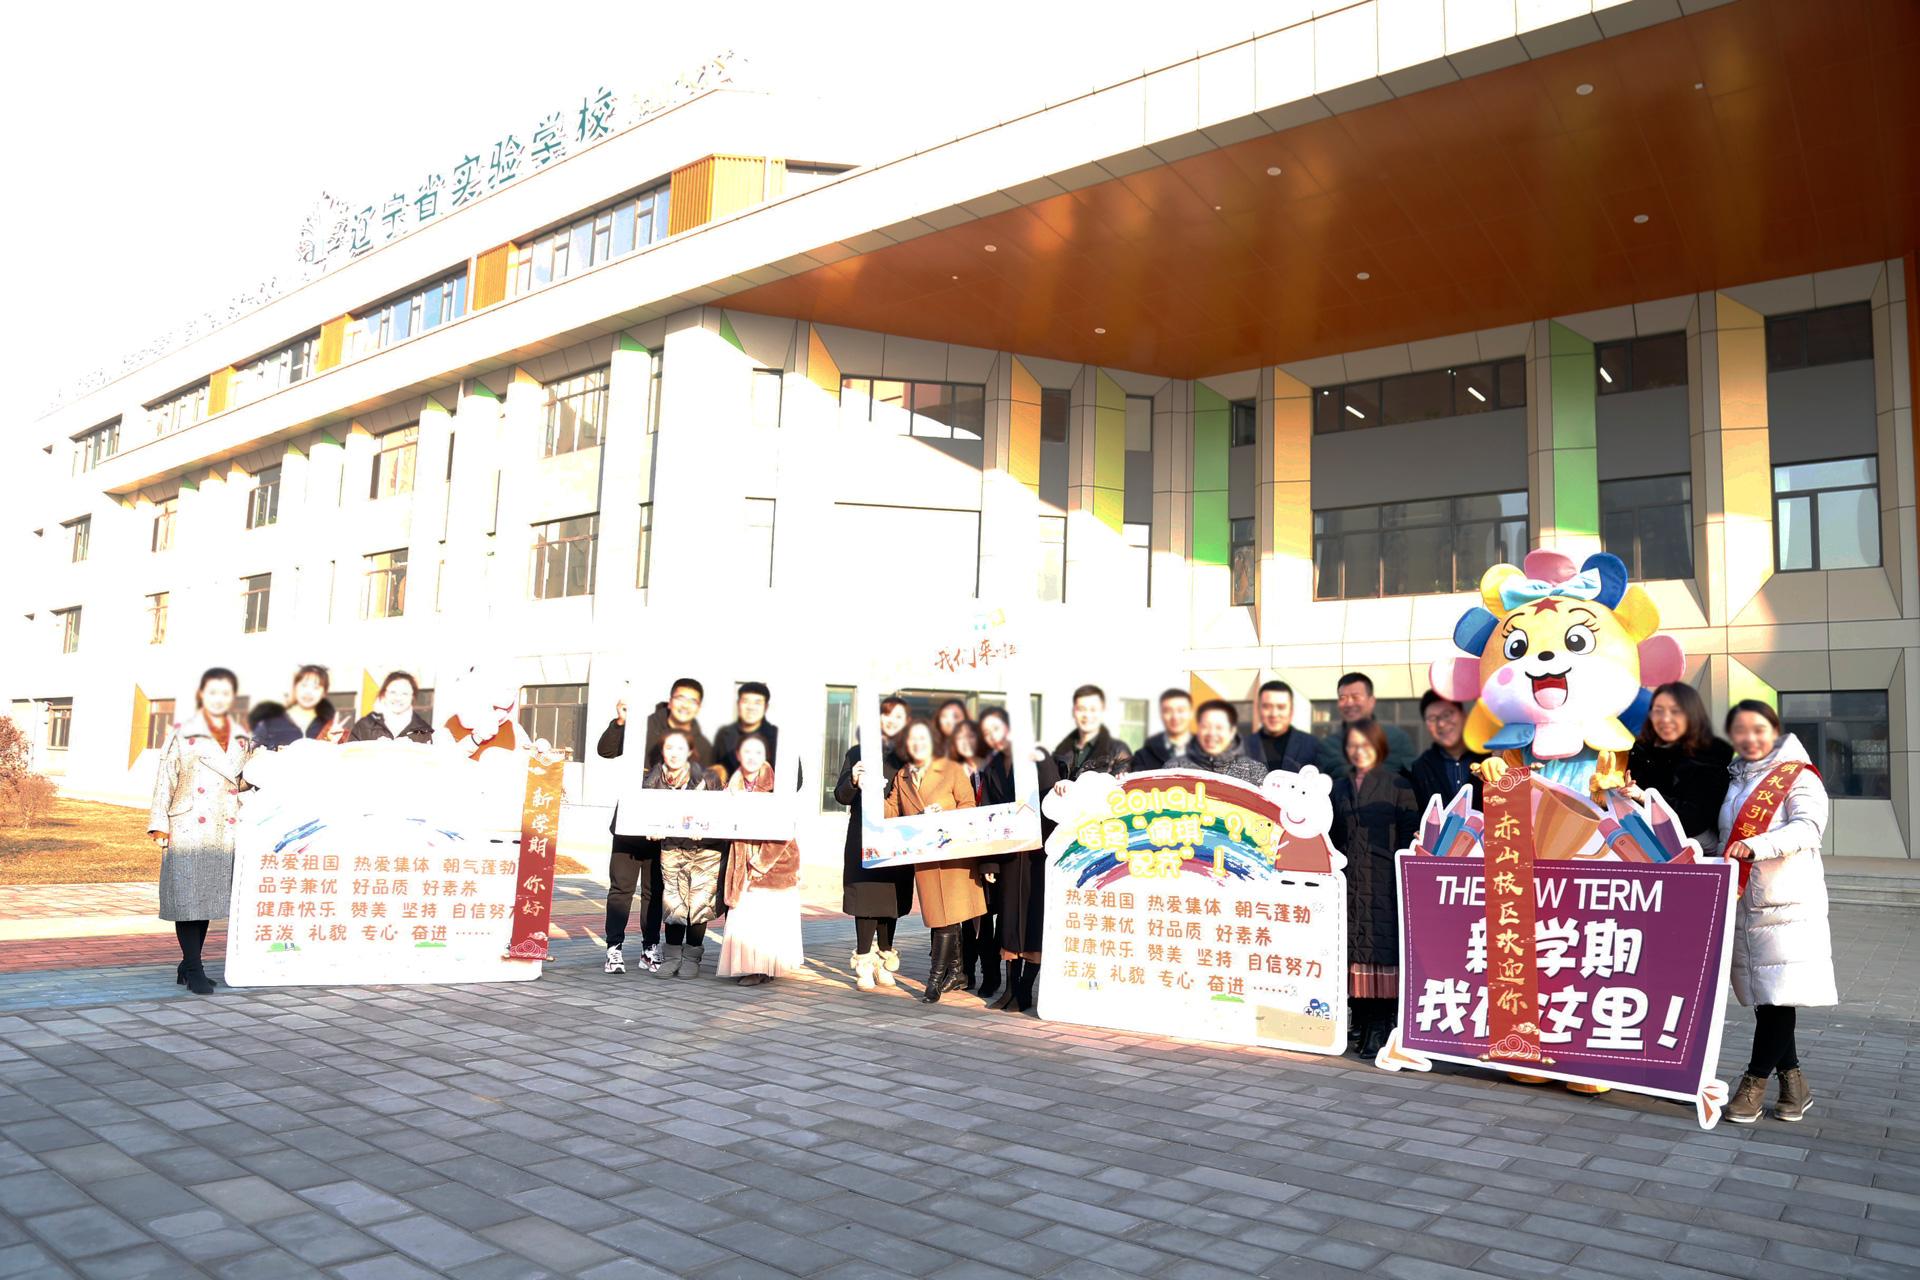 辽宁省实验学校赤山校区正式开始启用